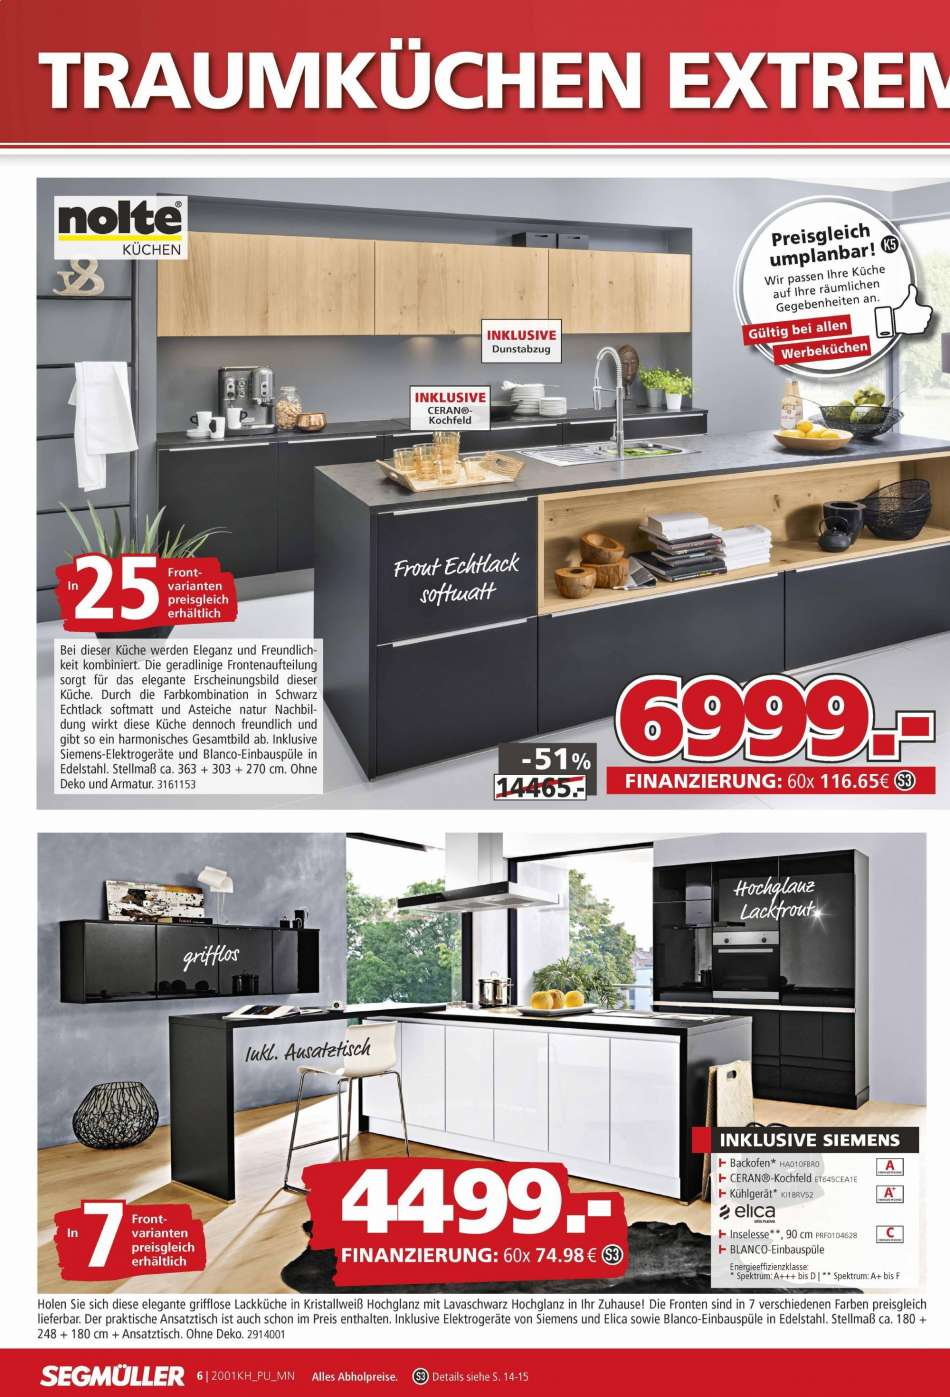 Full Size of Segmüller Küchen Segmller Aktuelles Prospekt 1512020 2712020 Rabatt Kompass Regal Küche Wohnzimmer Segmüller Küchen